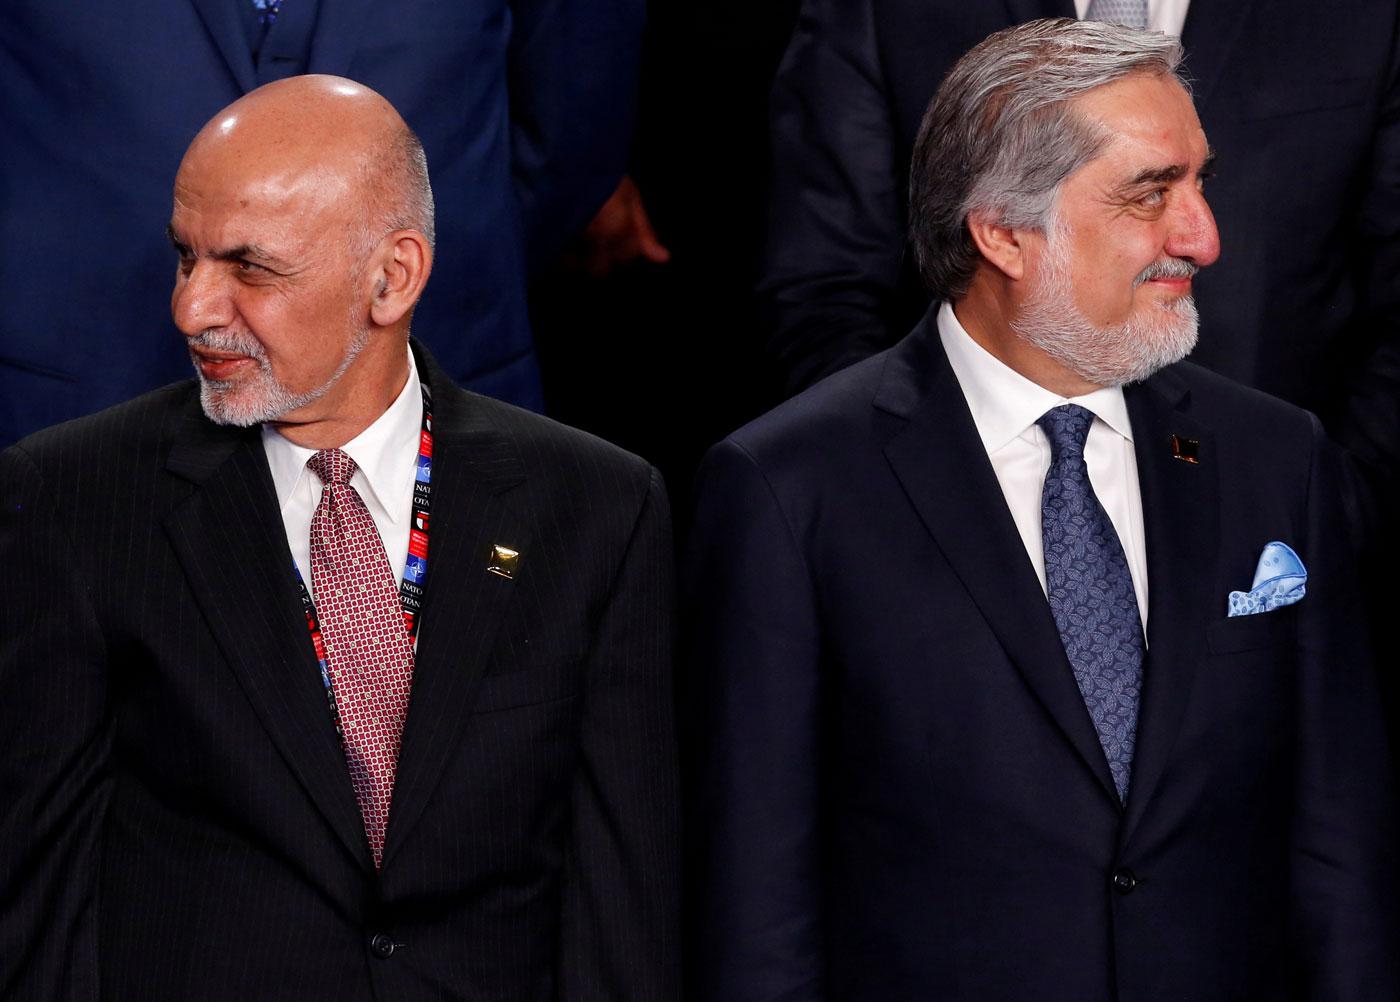 Aixraf Ghani i Abdul·lah Abdul·lah són els principals candidats a les eleccions presidencials que se celebren aquest dissabte a l'Afganistan